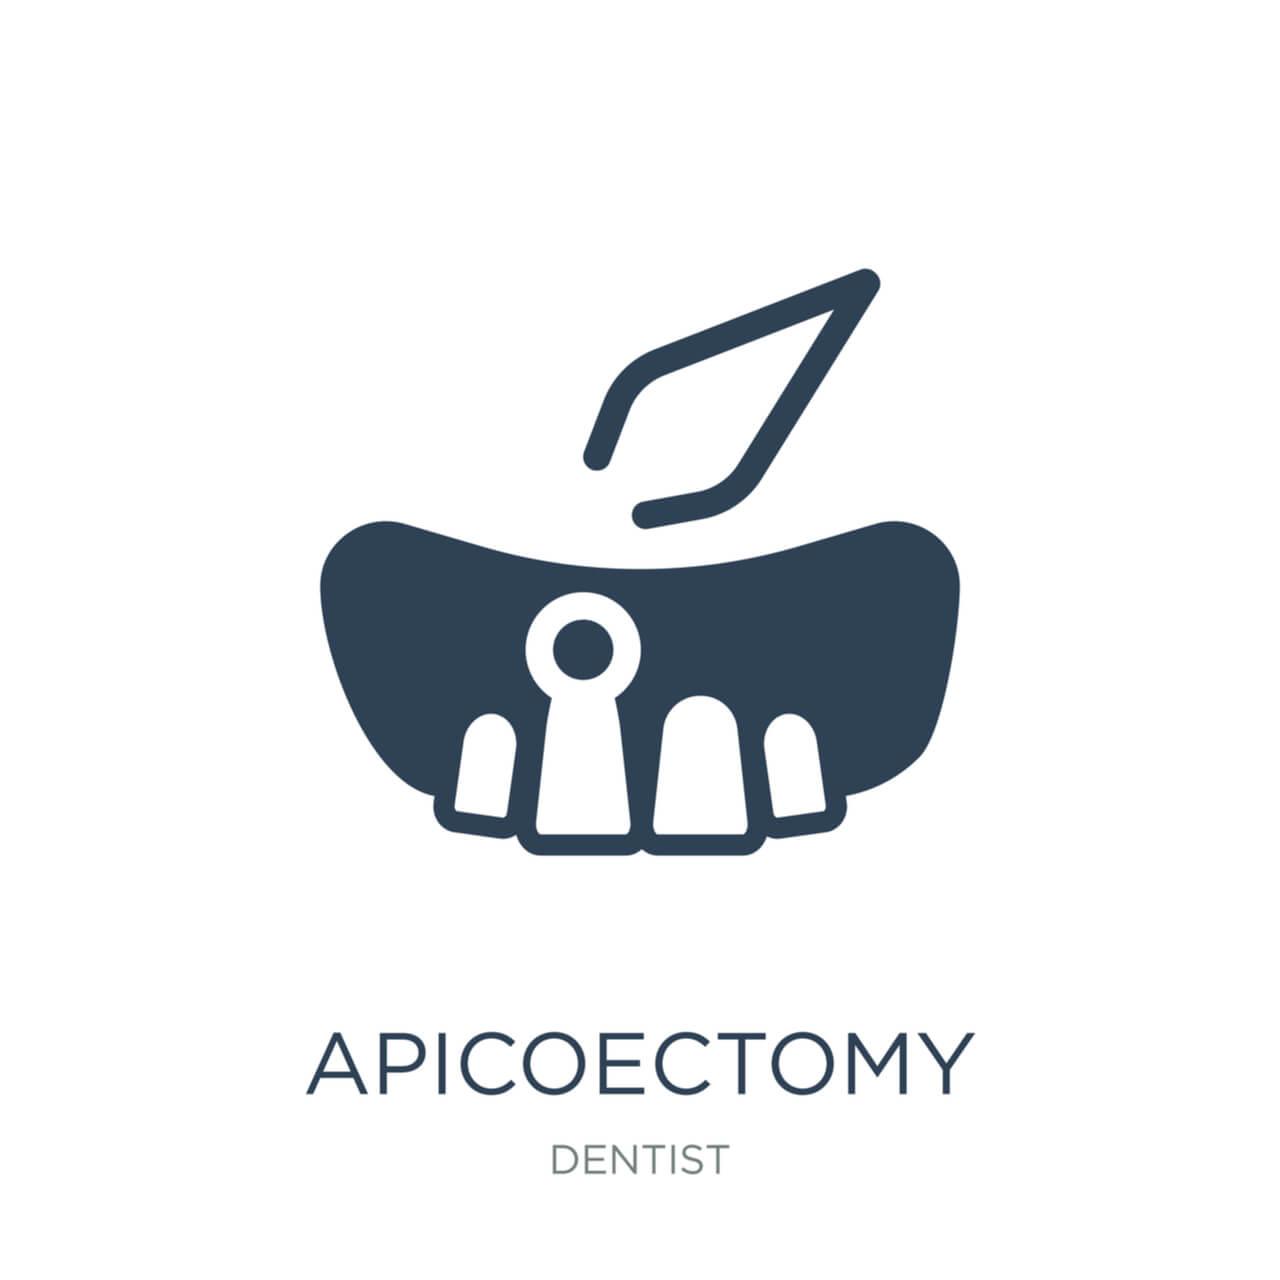 Apicoectomy Procedure